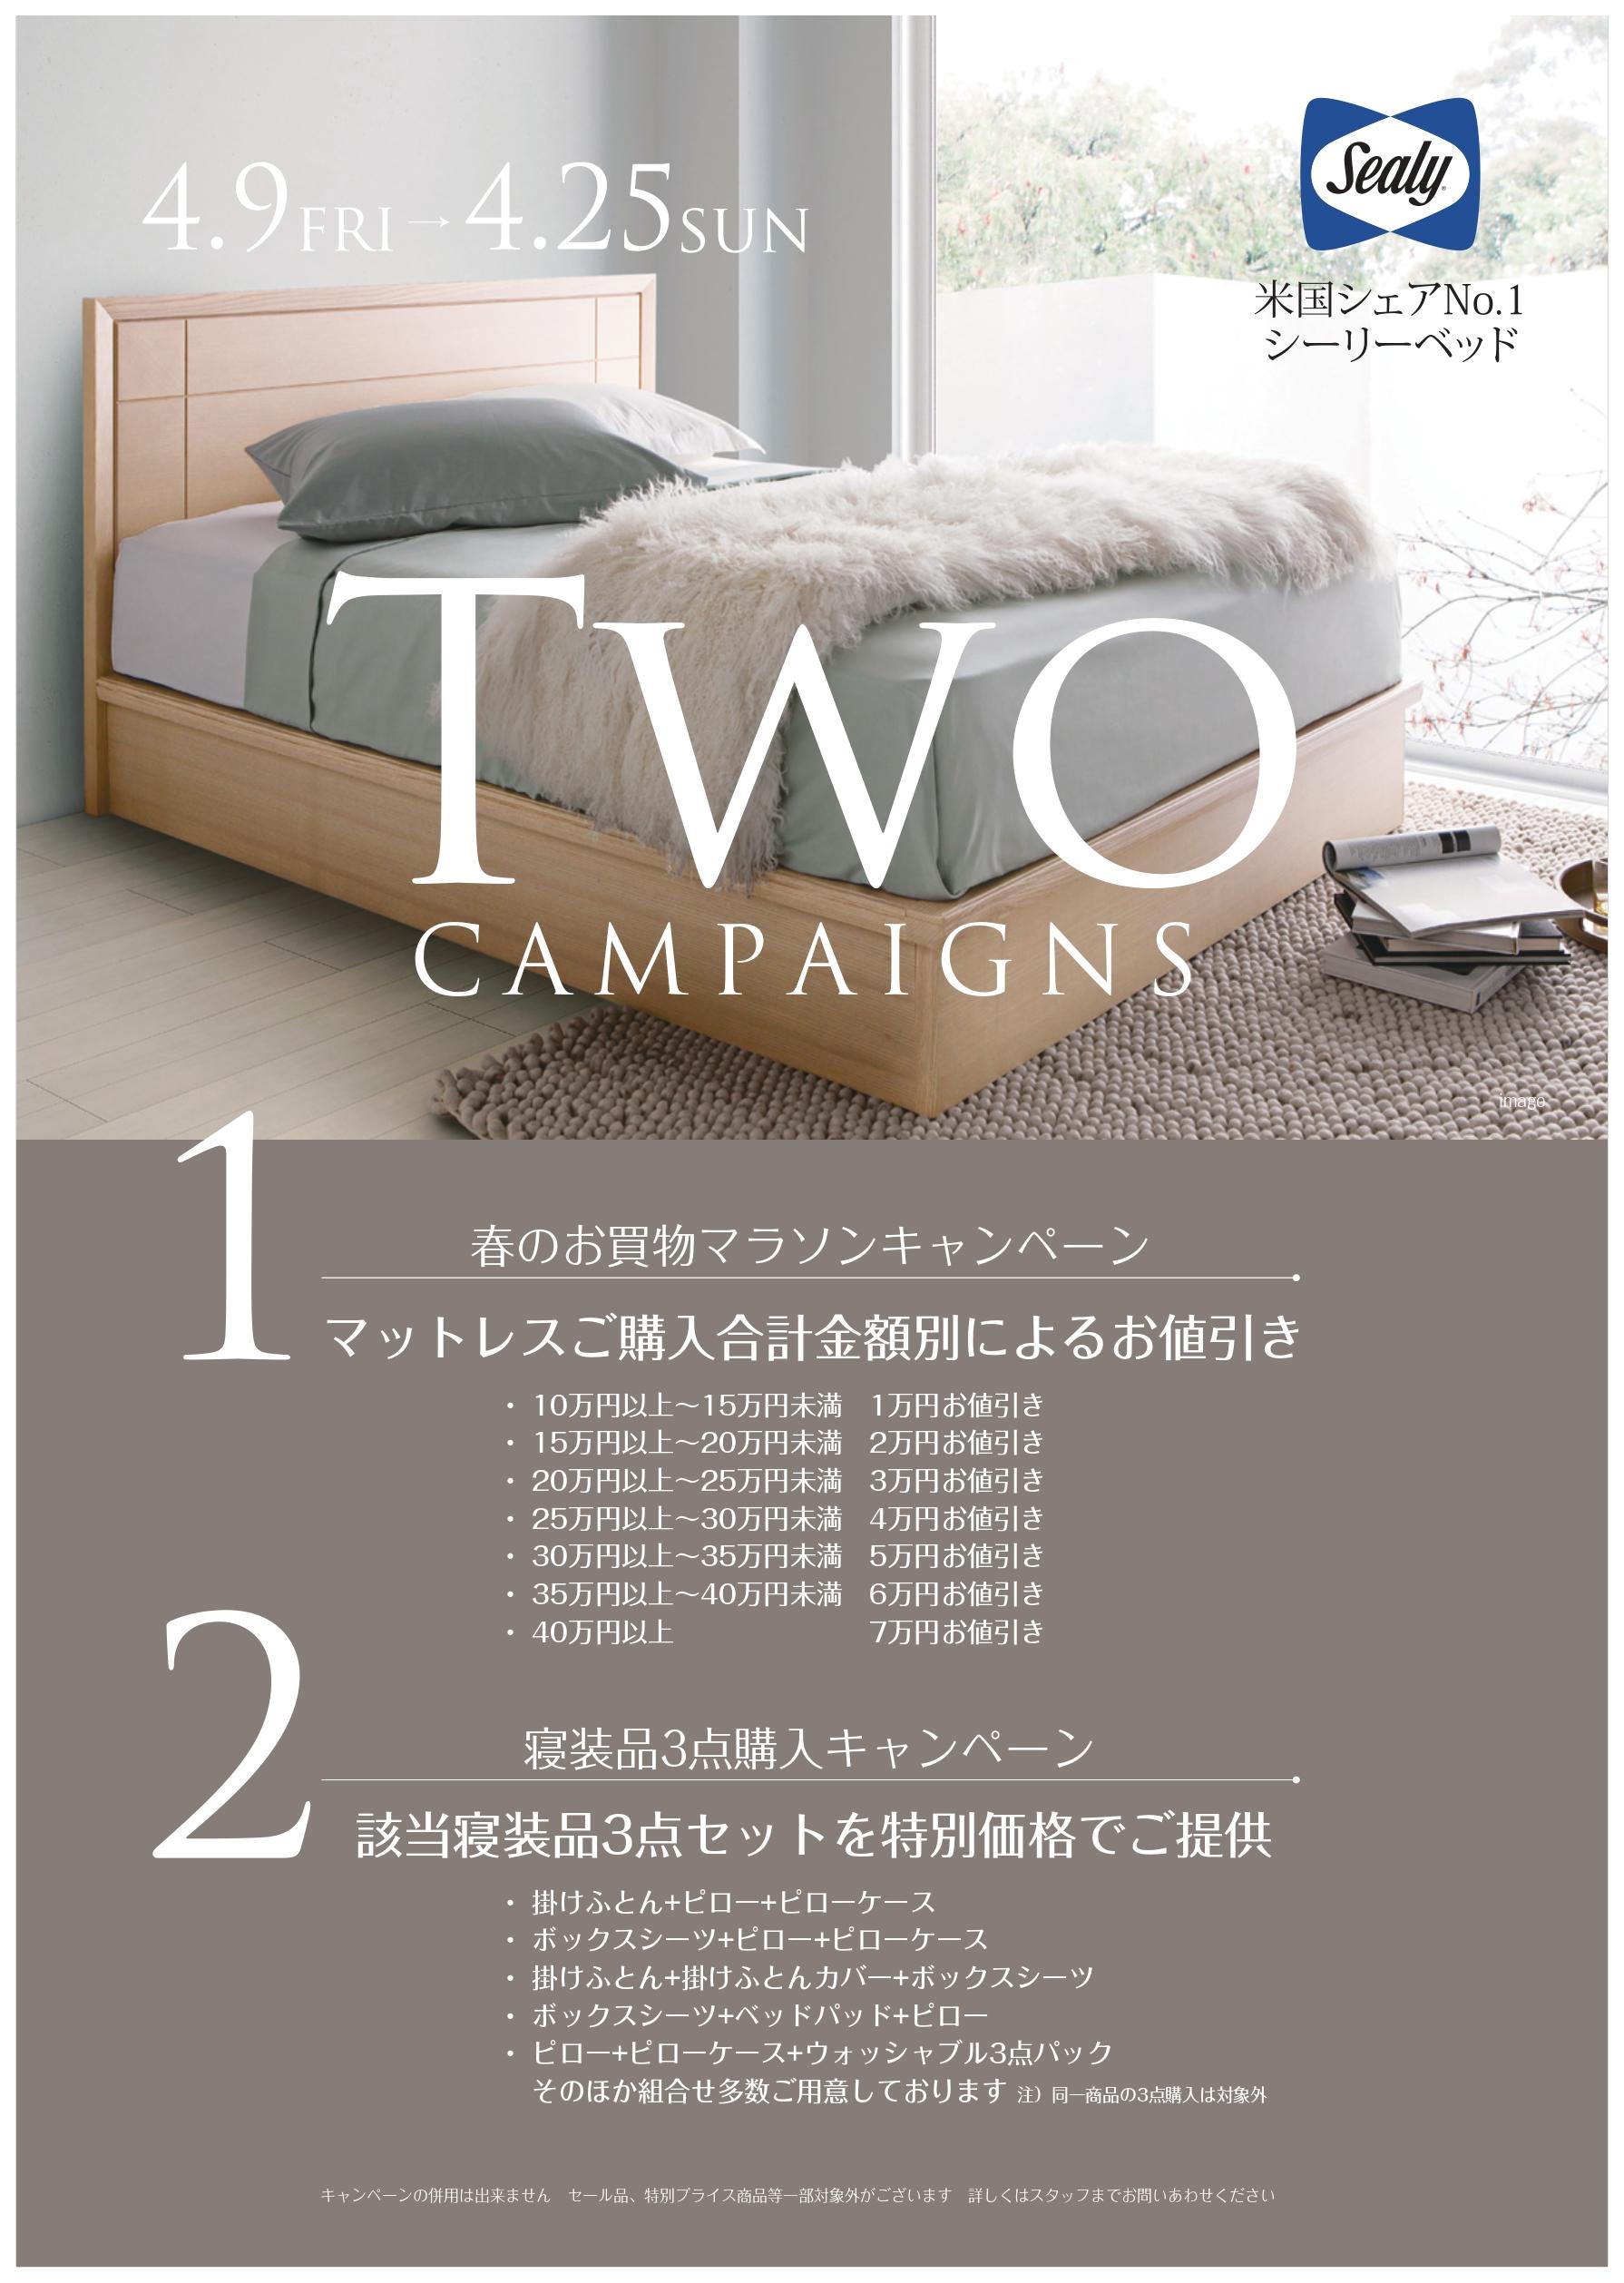 2021春の【TWO】キャンペーン